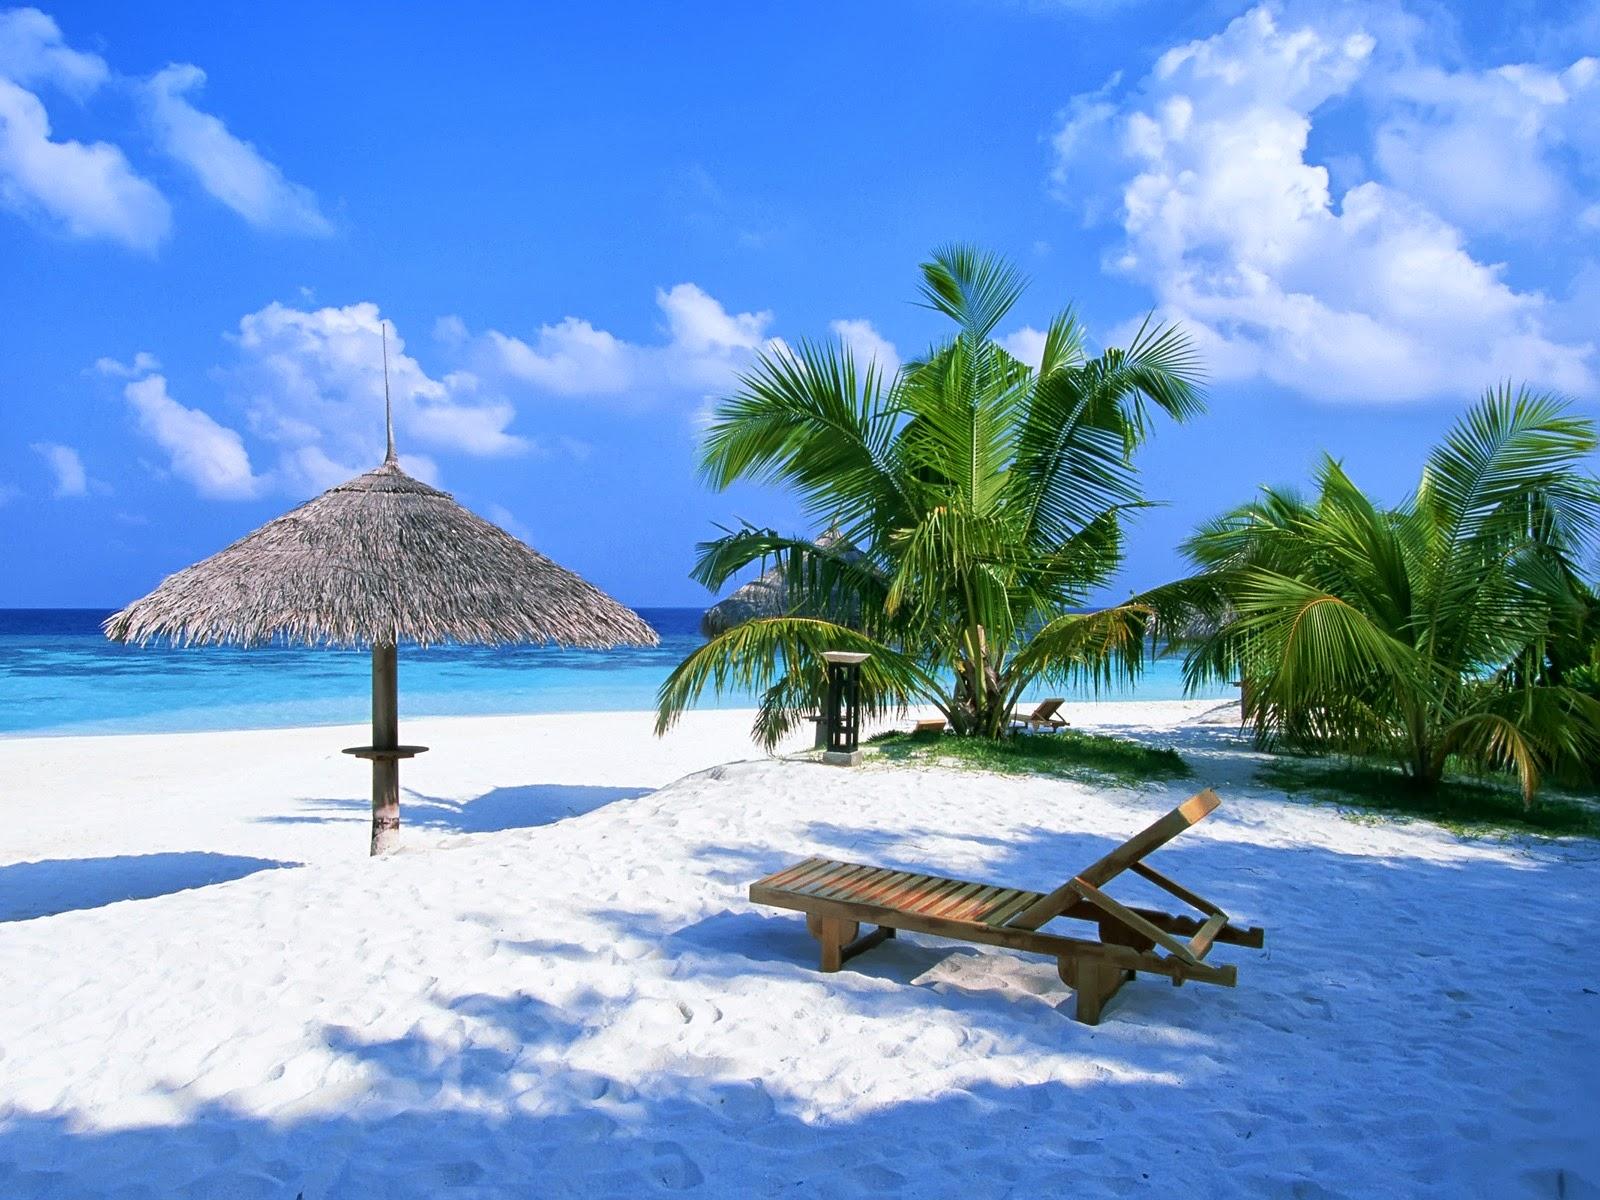 Enjoy make up concours op ration hello sunshine - Image de plage paradisiaque ...